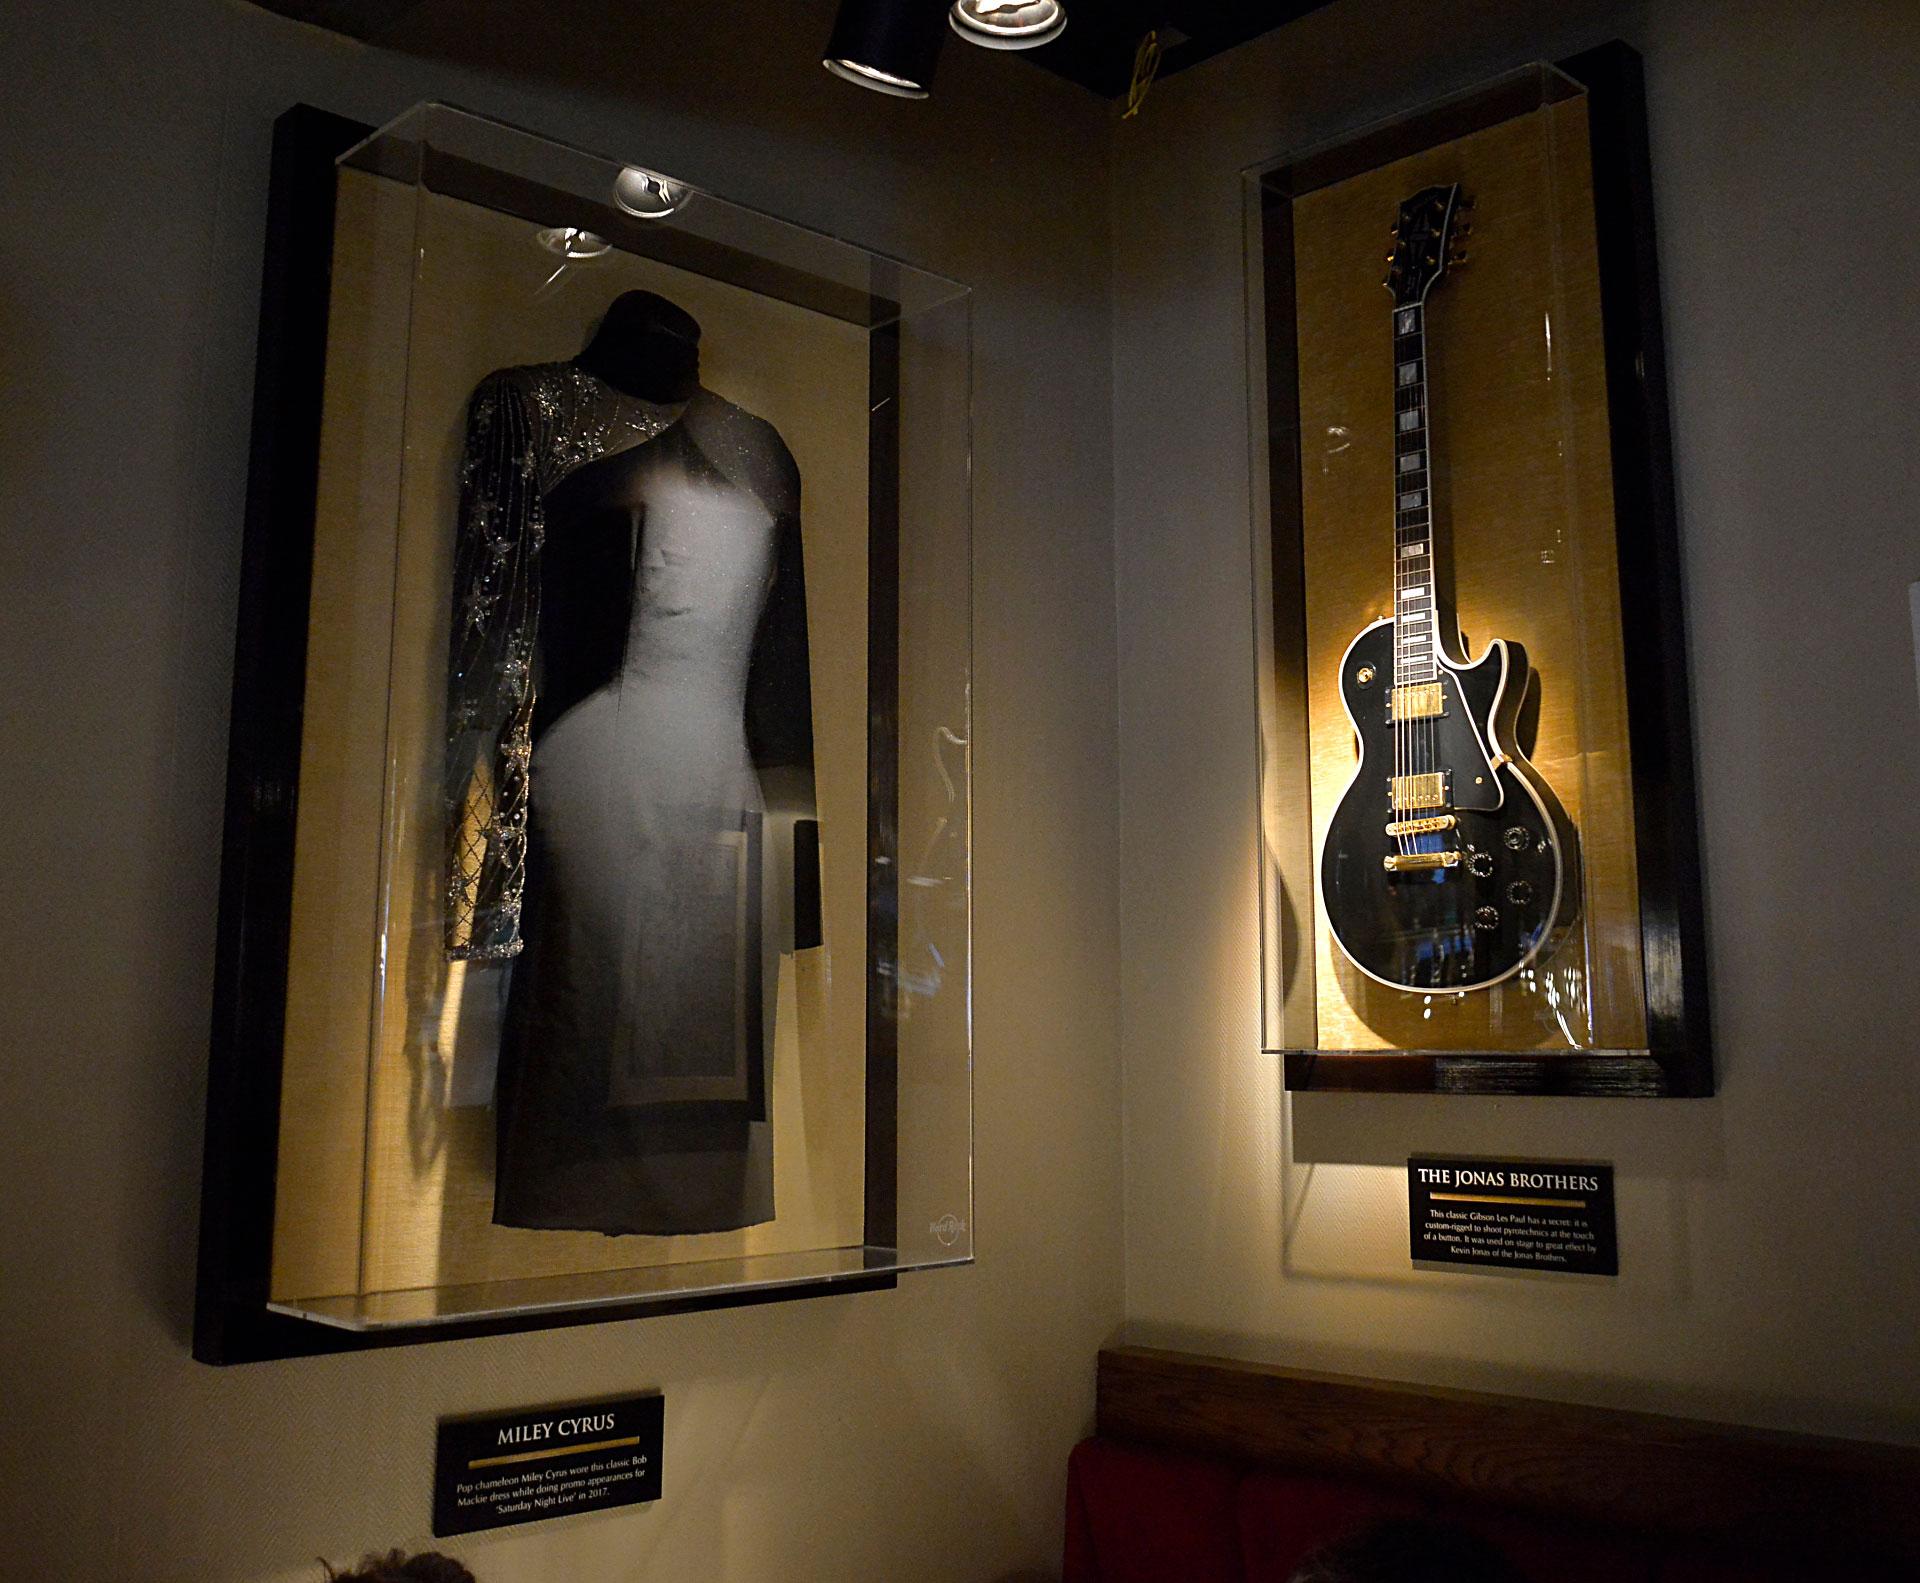 En todo el local, se pueden encontrar importantes objetos e imágenes que remiten al rock, como guitarras y vestuarios de artistas nacionales e internacionales de este género, como una campera de cuero de Elvis Presley y la chaqueta de Prince usada en Purple Rain, entre muchos otros /// Fotos: Gustavo Gavotti